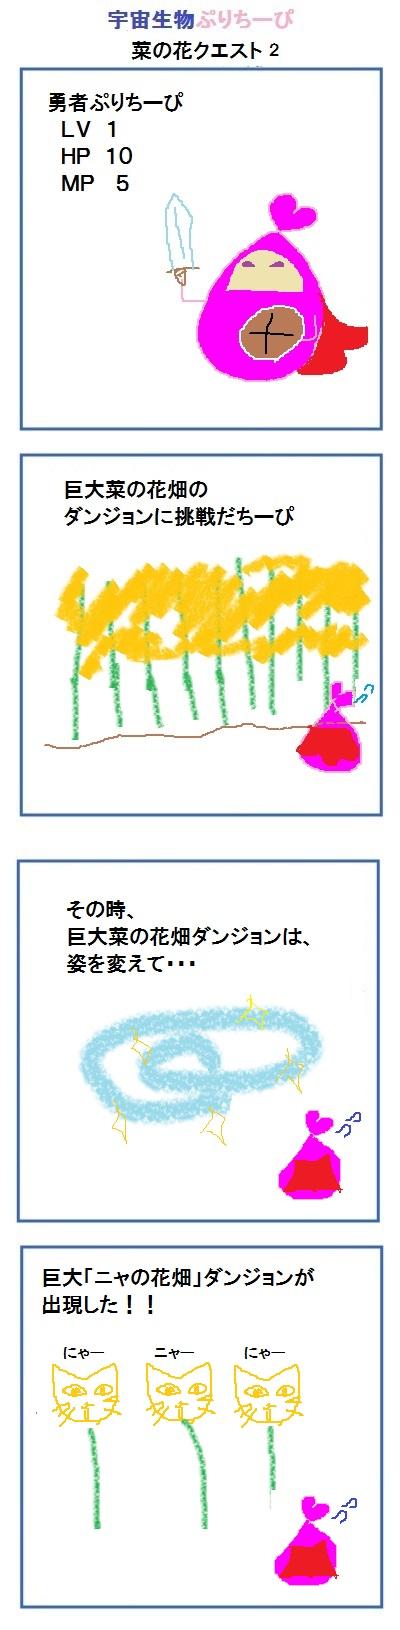 160315菜の花クエスト2